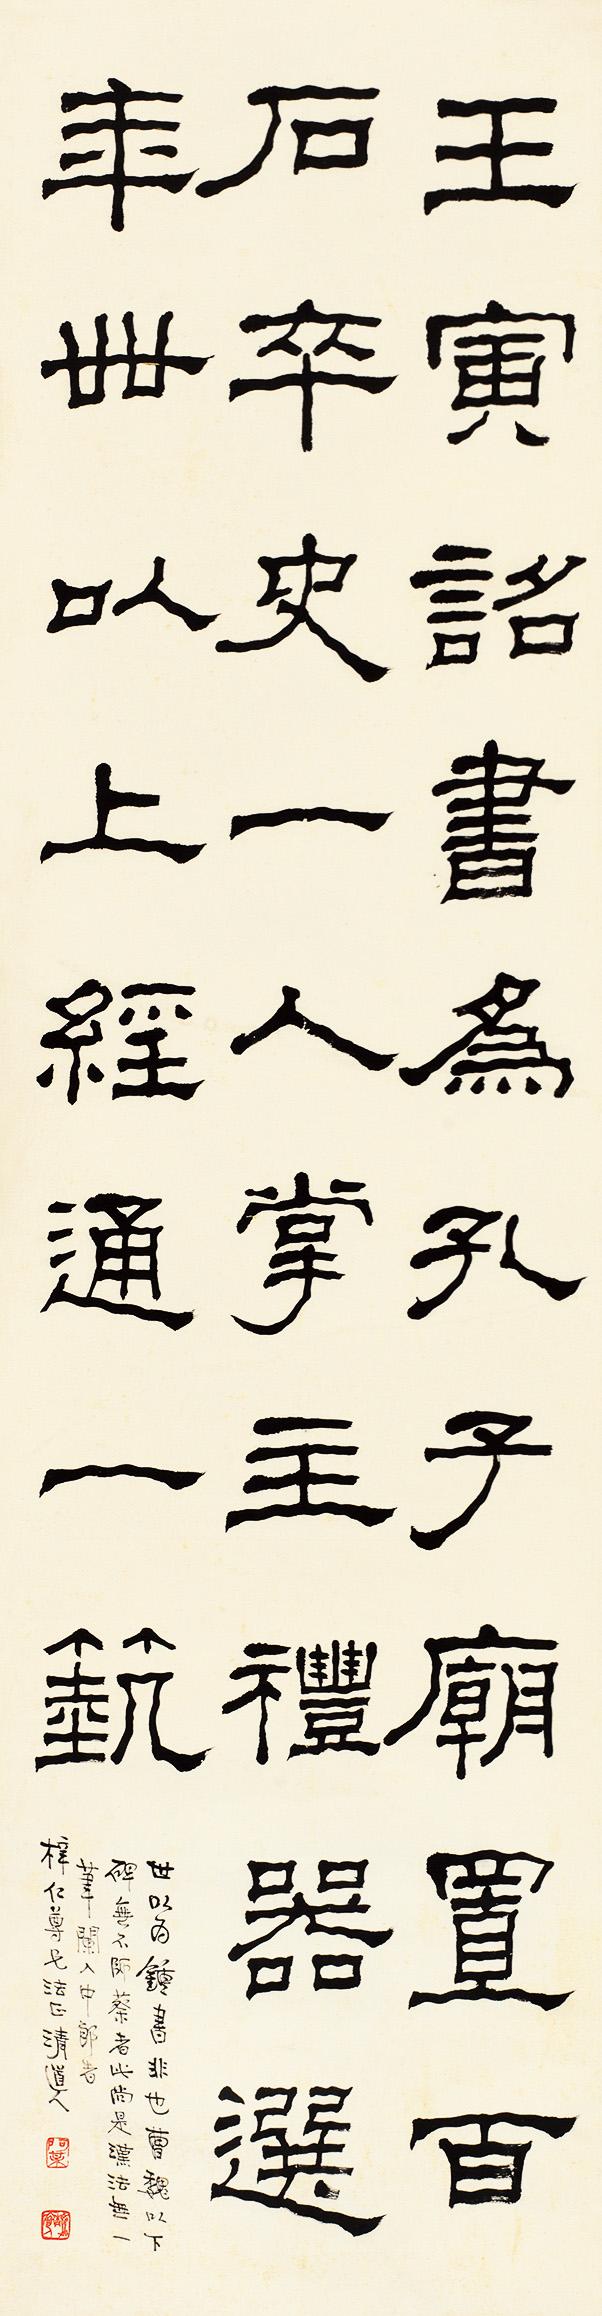 隶书节录《后汉书》